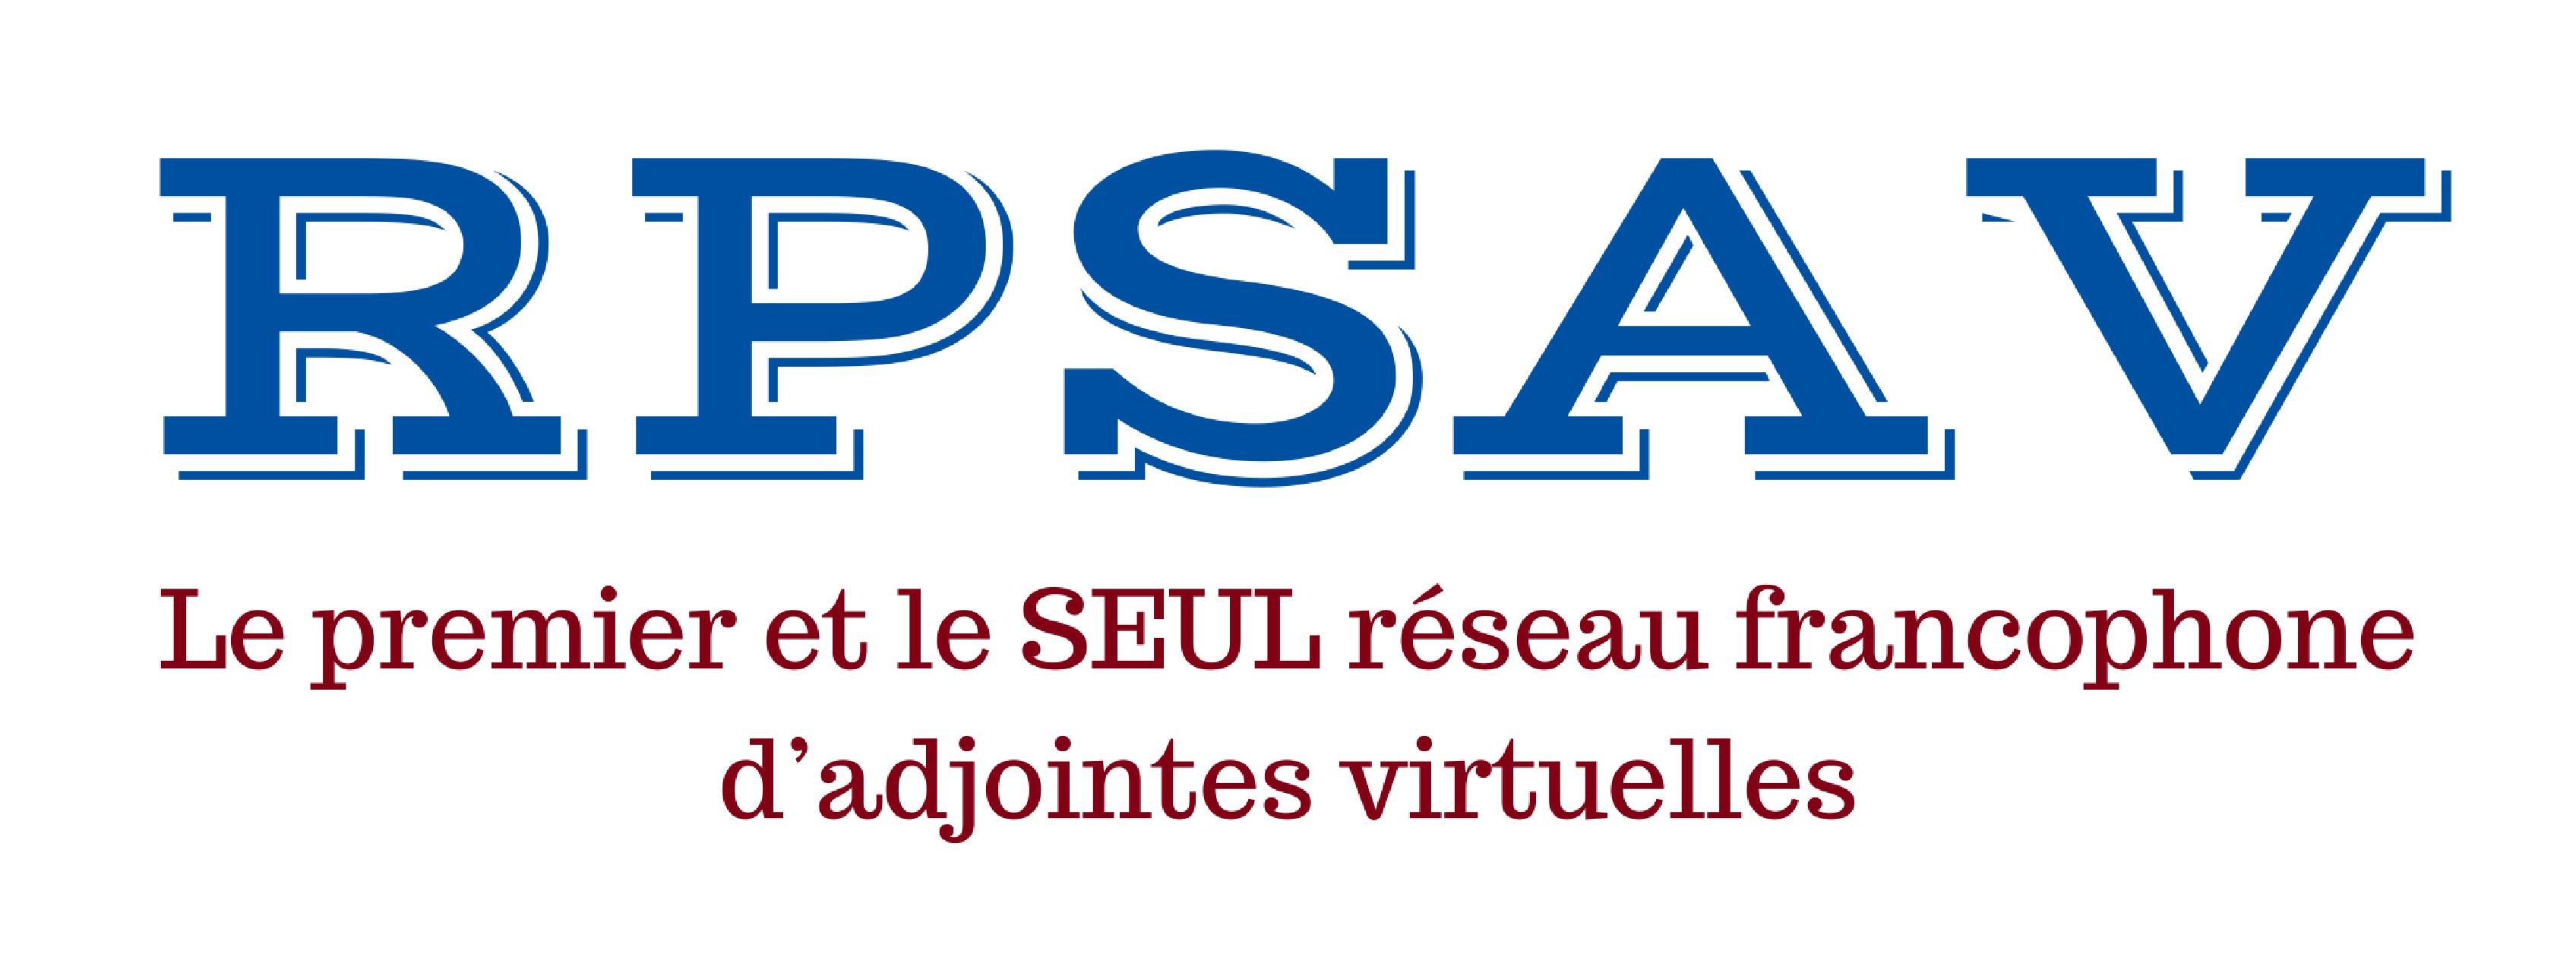 RPSAV - Réseau des adjointes virtuelles